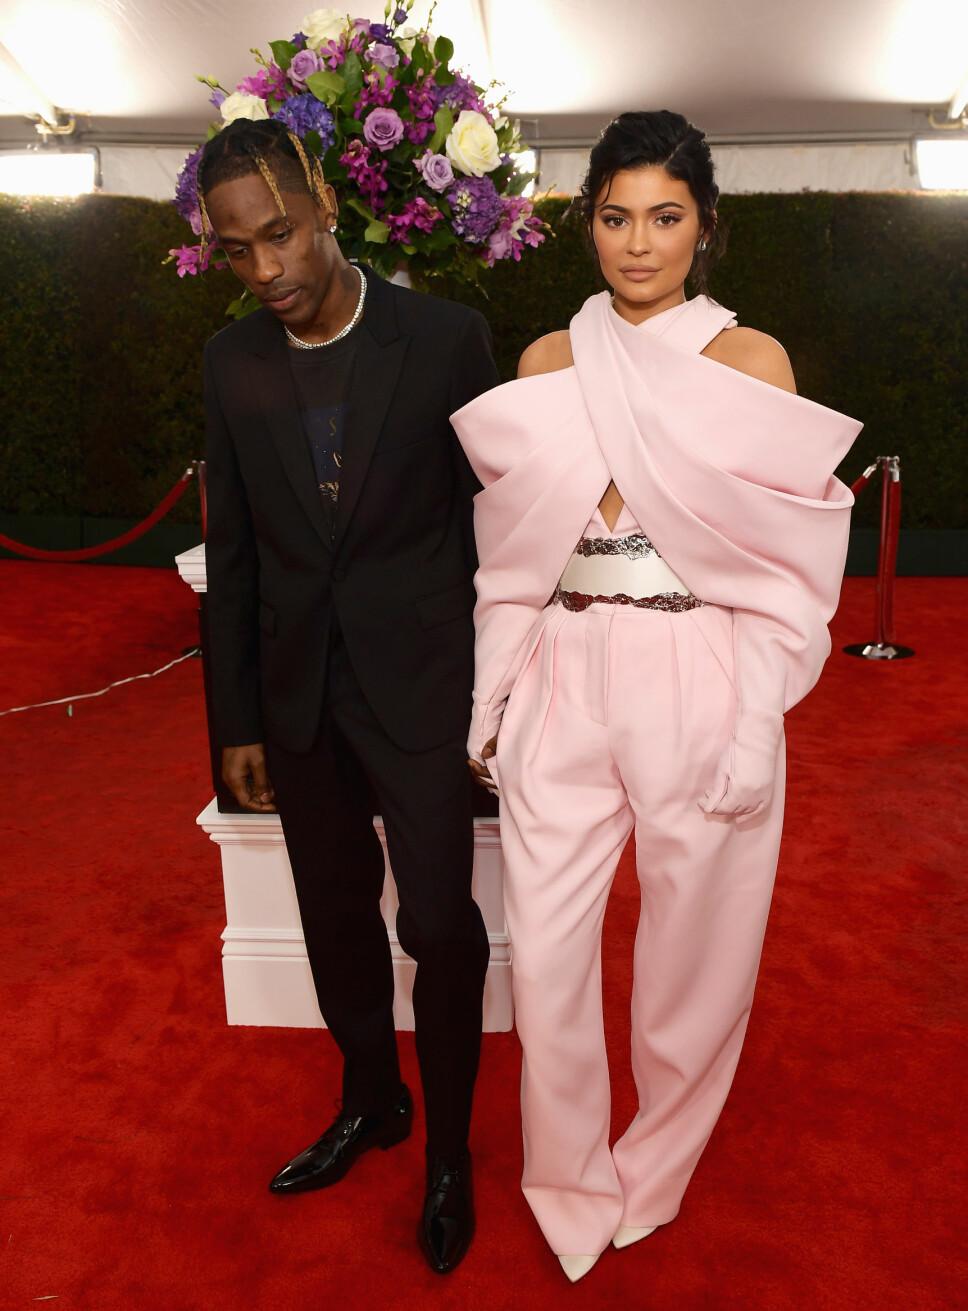 SPESIELT ANTREKK: Kylie Jenner og Travis Scott på den røde løperen under Grammy-utdelingen. Kylie Jenners buksedress har i ettertid blitt slaktet i flere medier som et av kveldens dårligste antrekk. Det kan også legges til at paret kom for sent for selve pressedekningen, og at dette er grunnen til at det ikke er noen andre rundt dem på bildet.